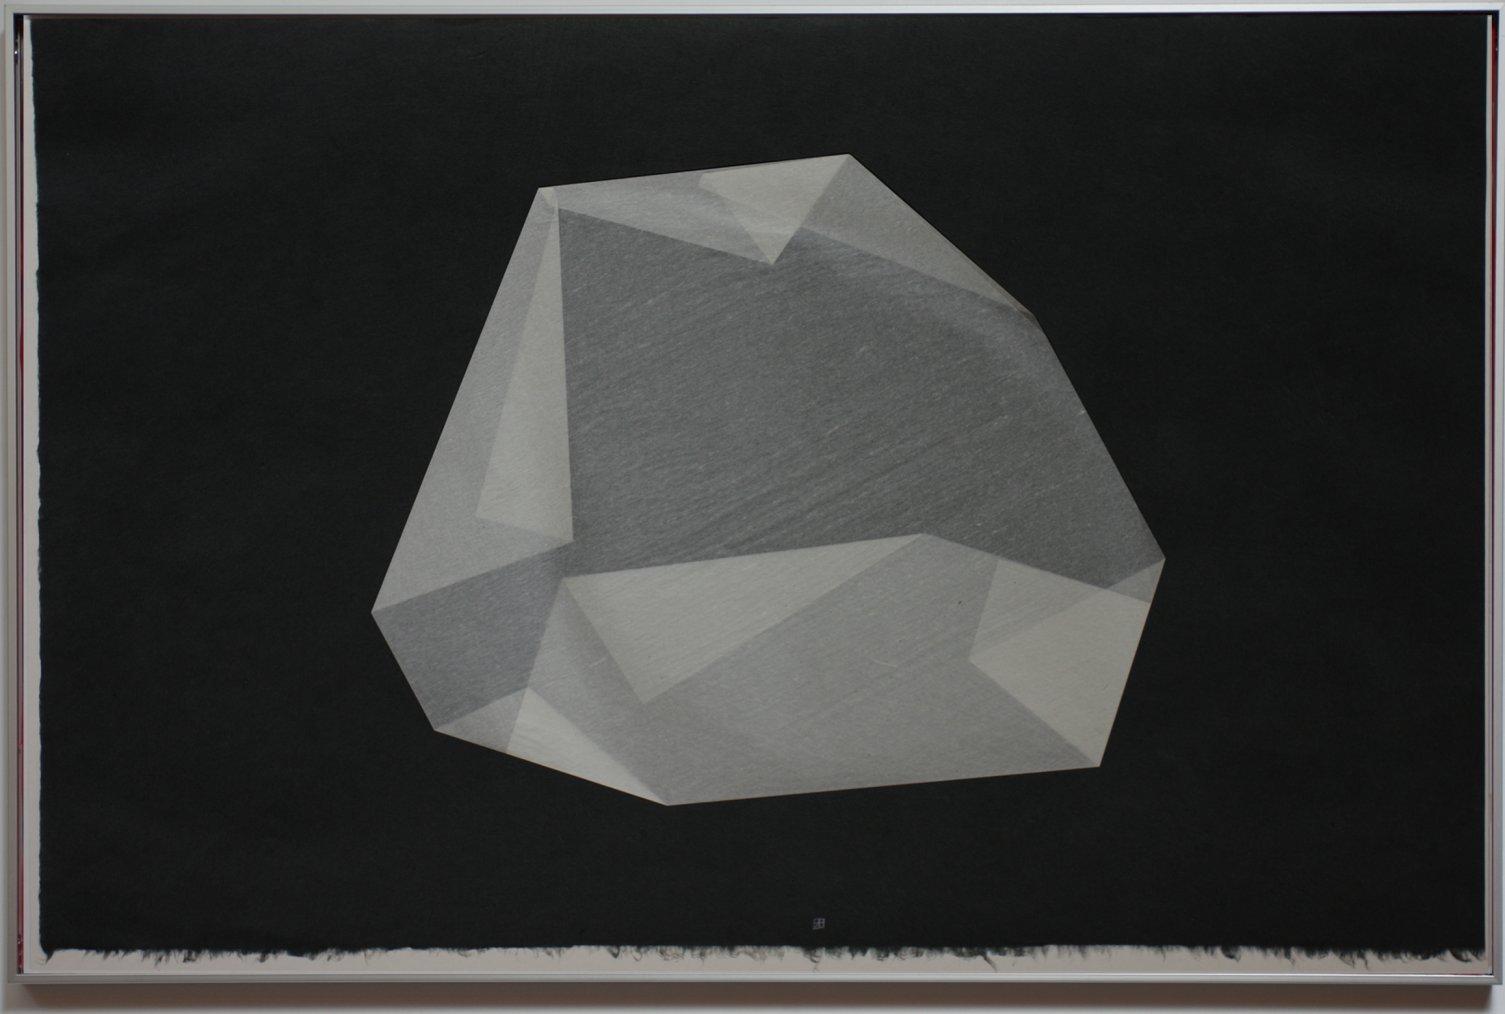 Pliegue 4. Serie Medidor de Nubes. (2016) - Antonio Rabazas Romero - Anto Rabzas